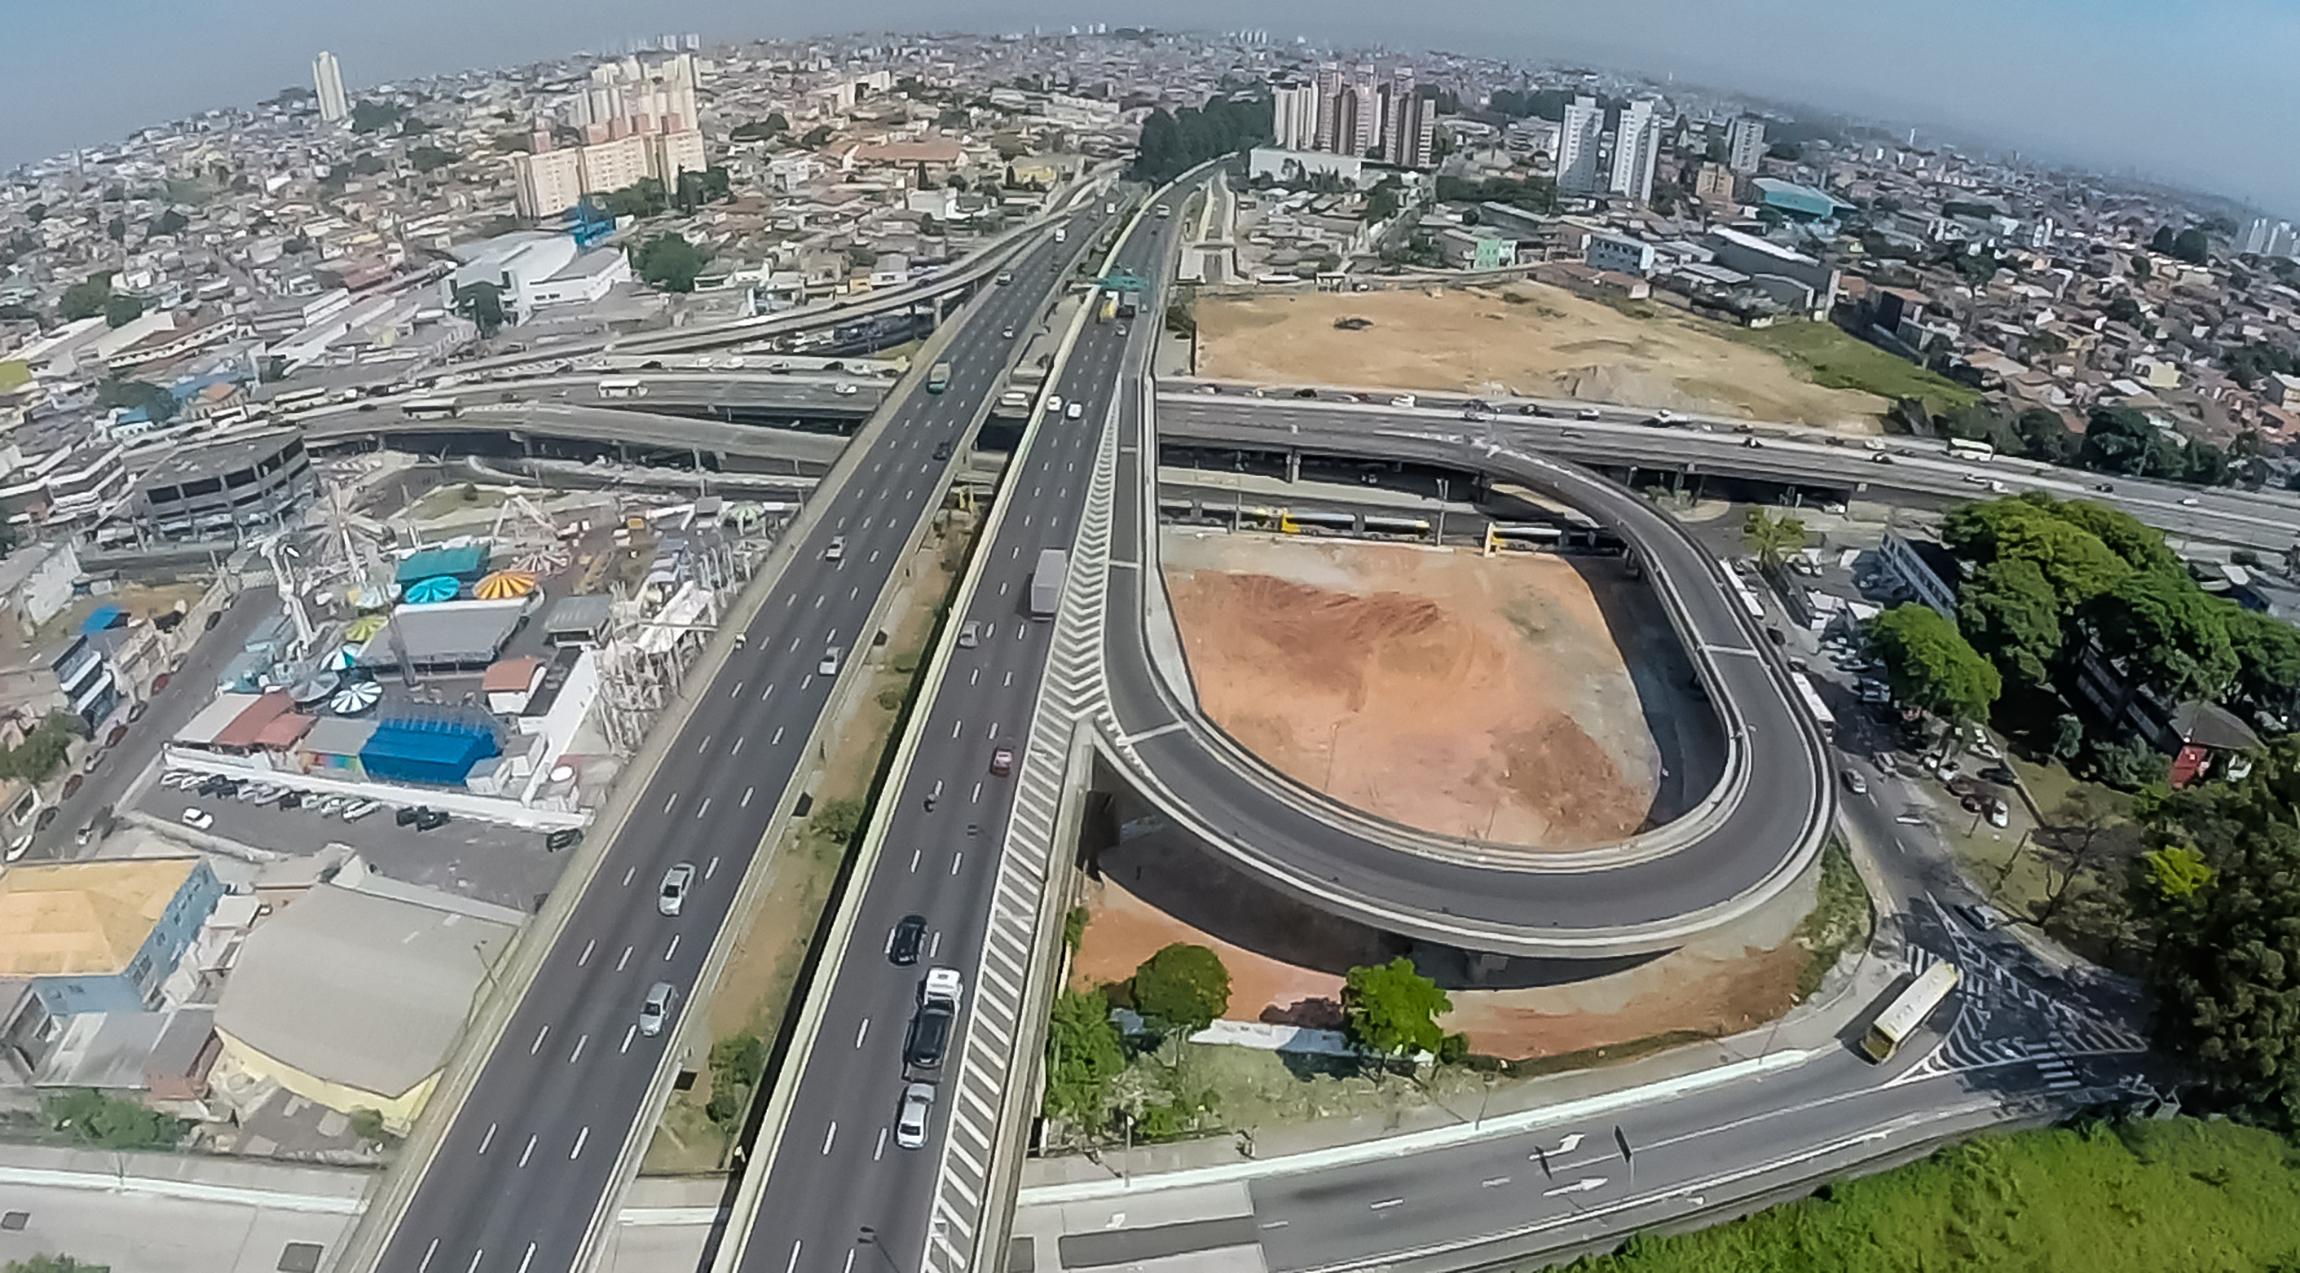 Imagem Aérea de Complexo Viário EIT